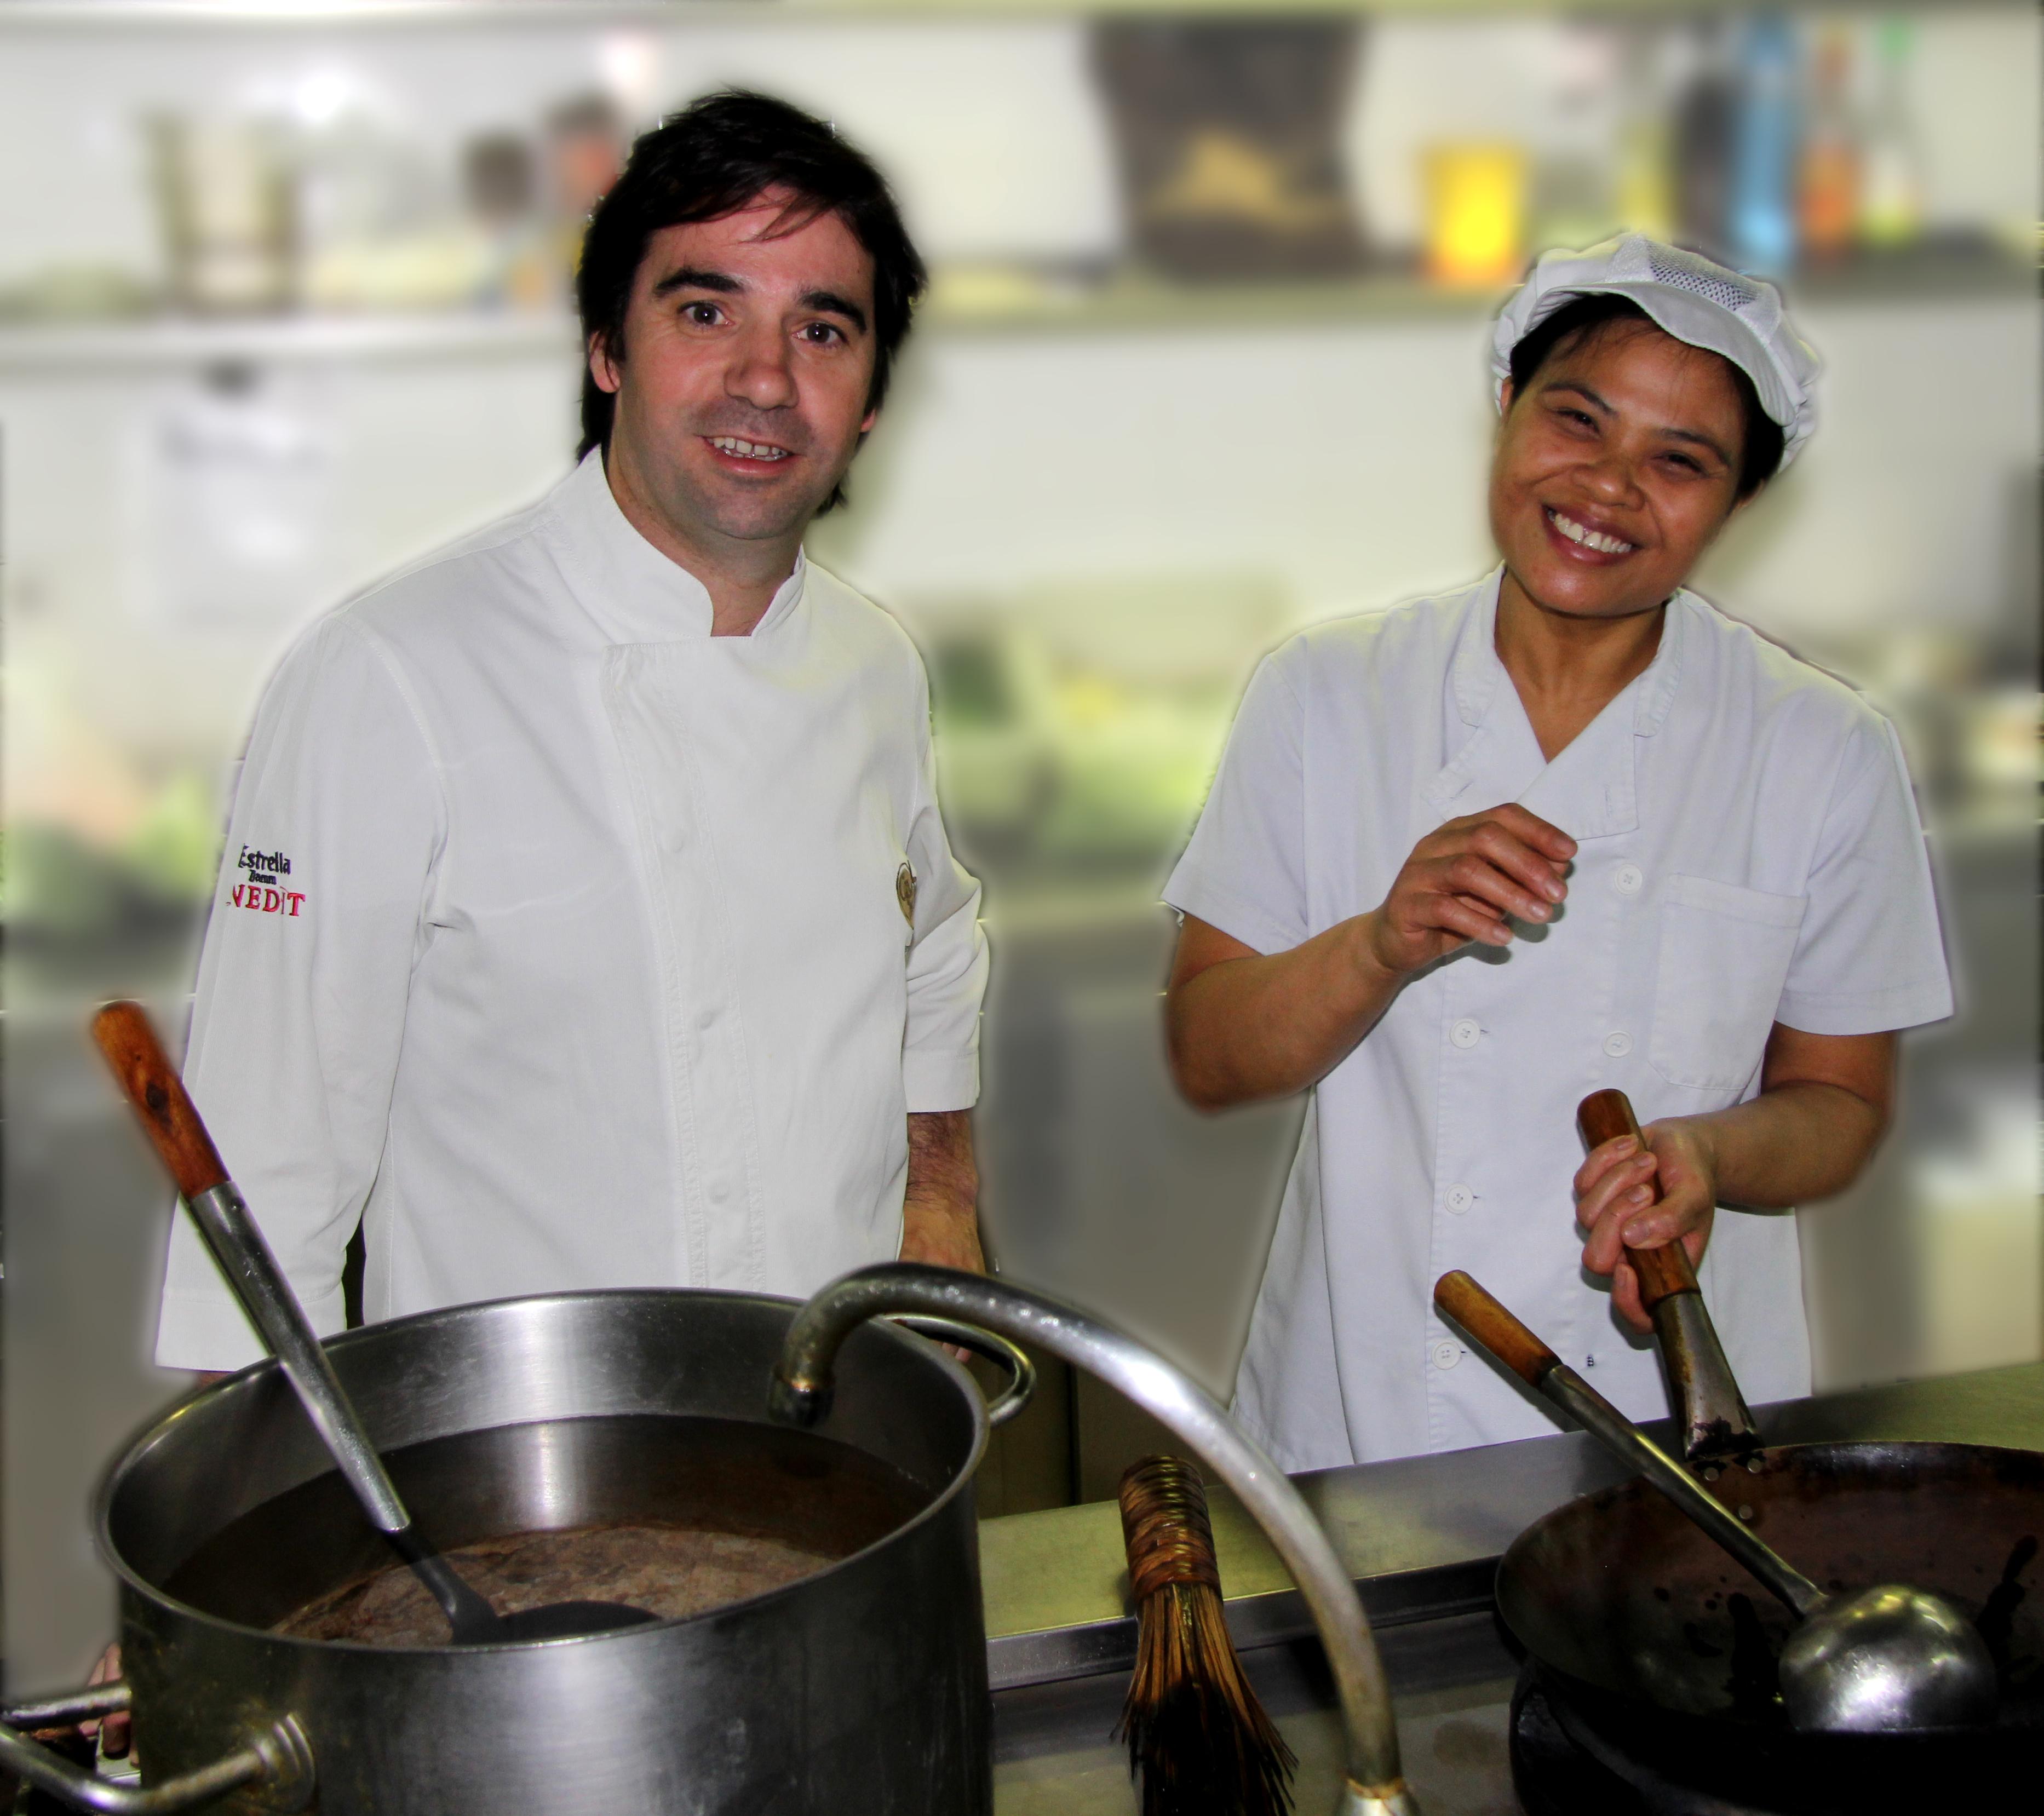 I semana de cocina tailandesa en sabadell restaurante - Cursos de cocina sabadell ...